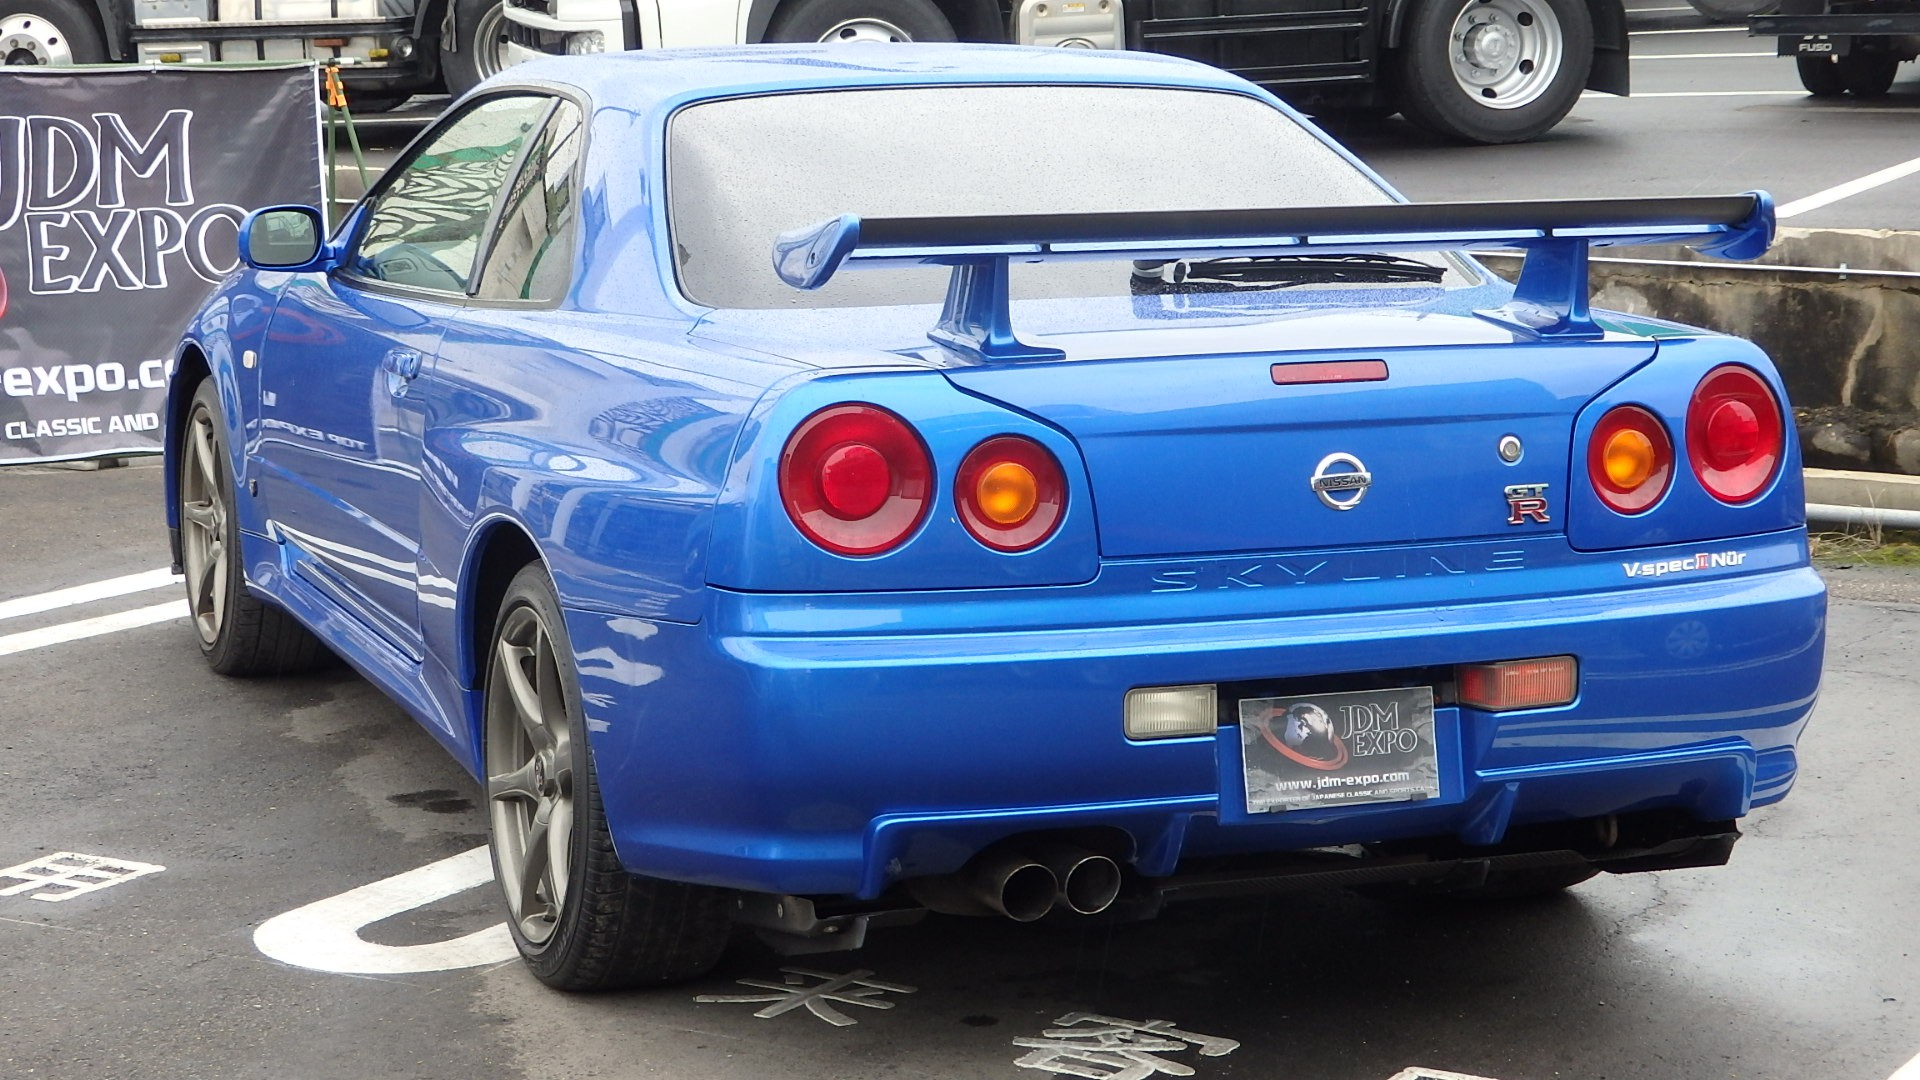 Nissan Skyline GTR R34 V-Spec II NUR for sale in Japan